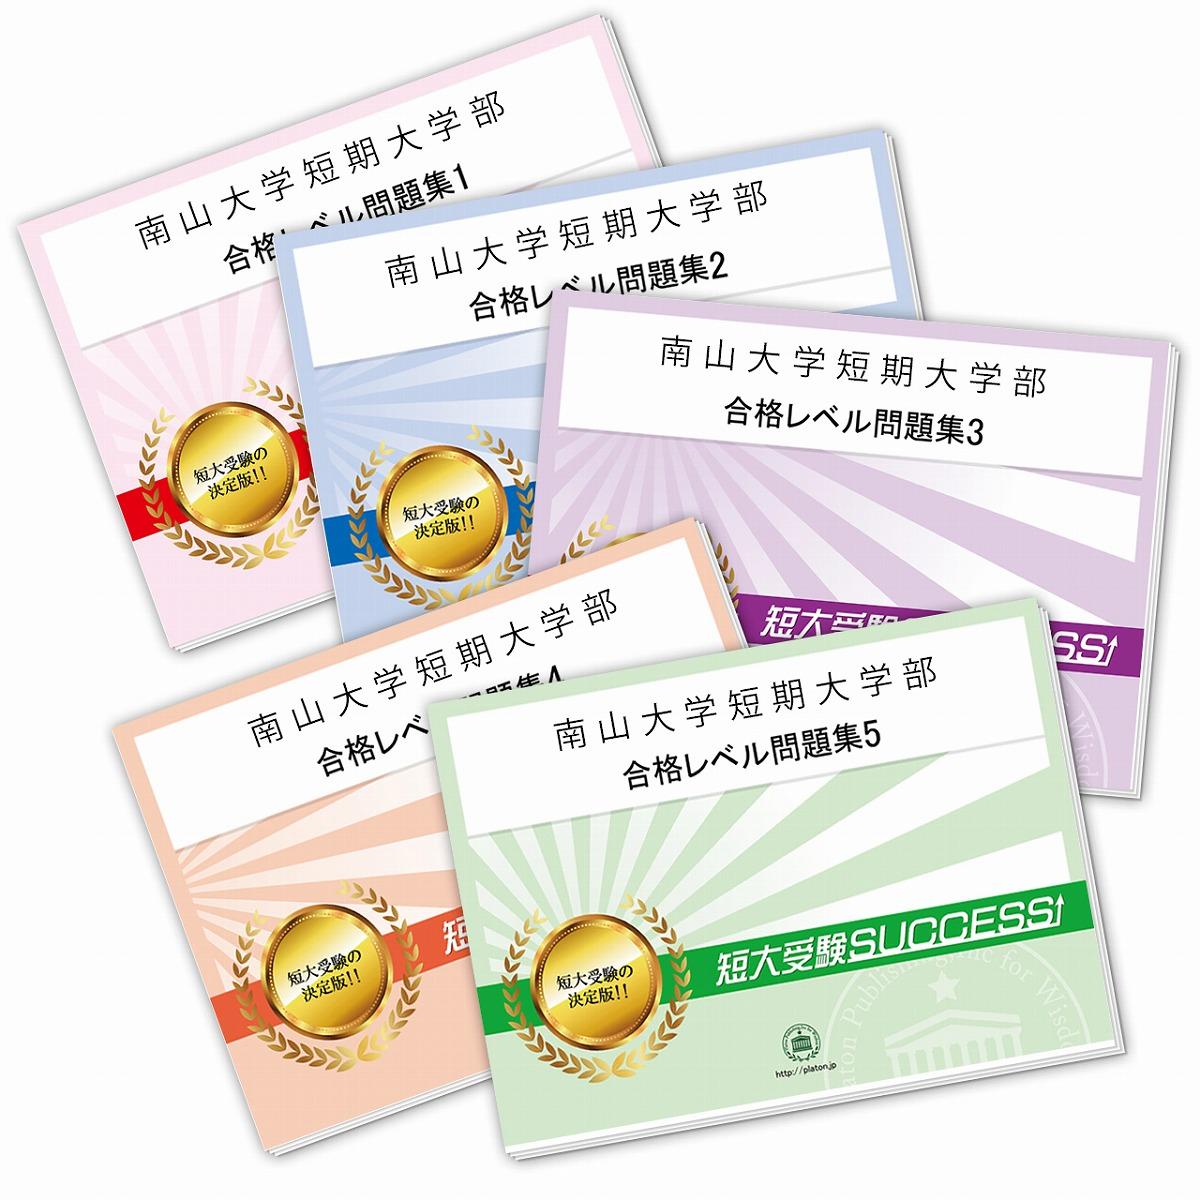 【送料・代引手数料無料】南山大学短期大学部受験合格セット(5冊)